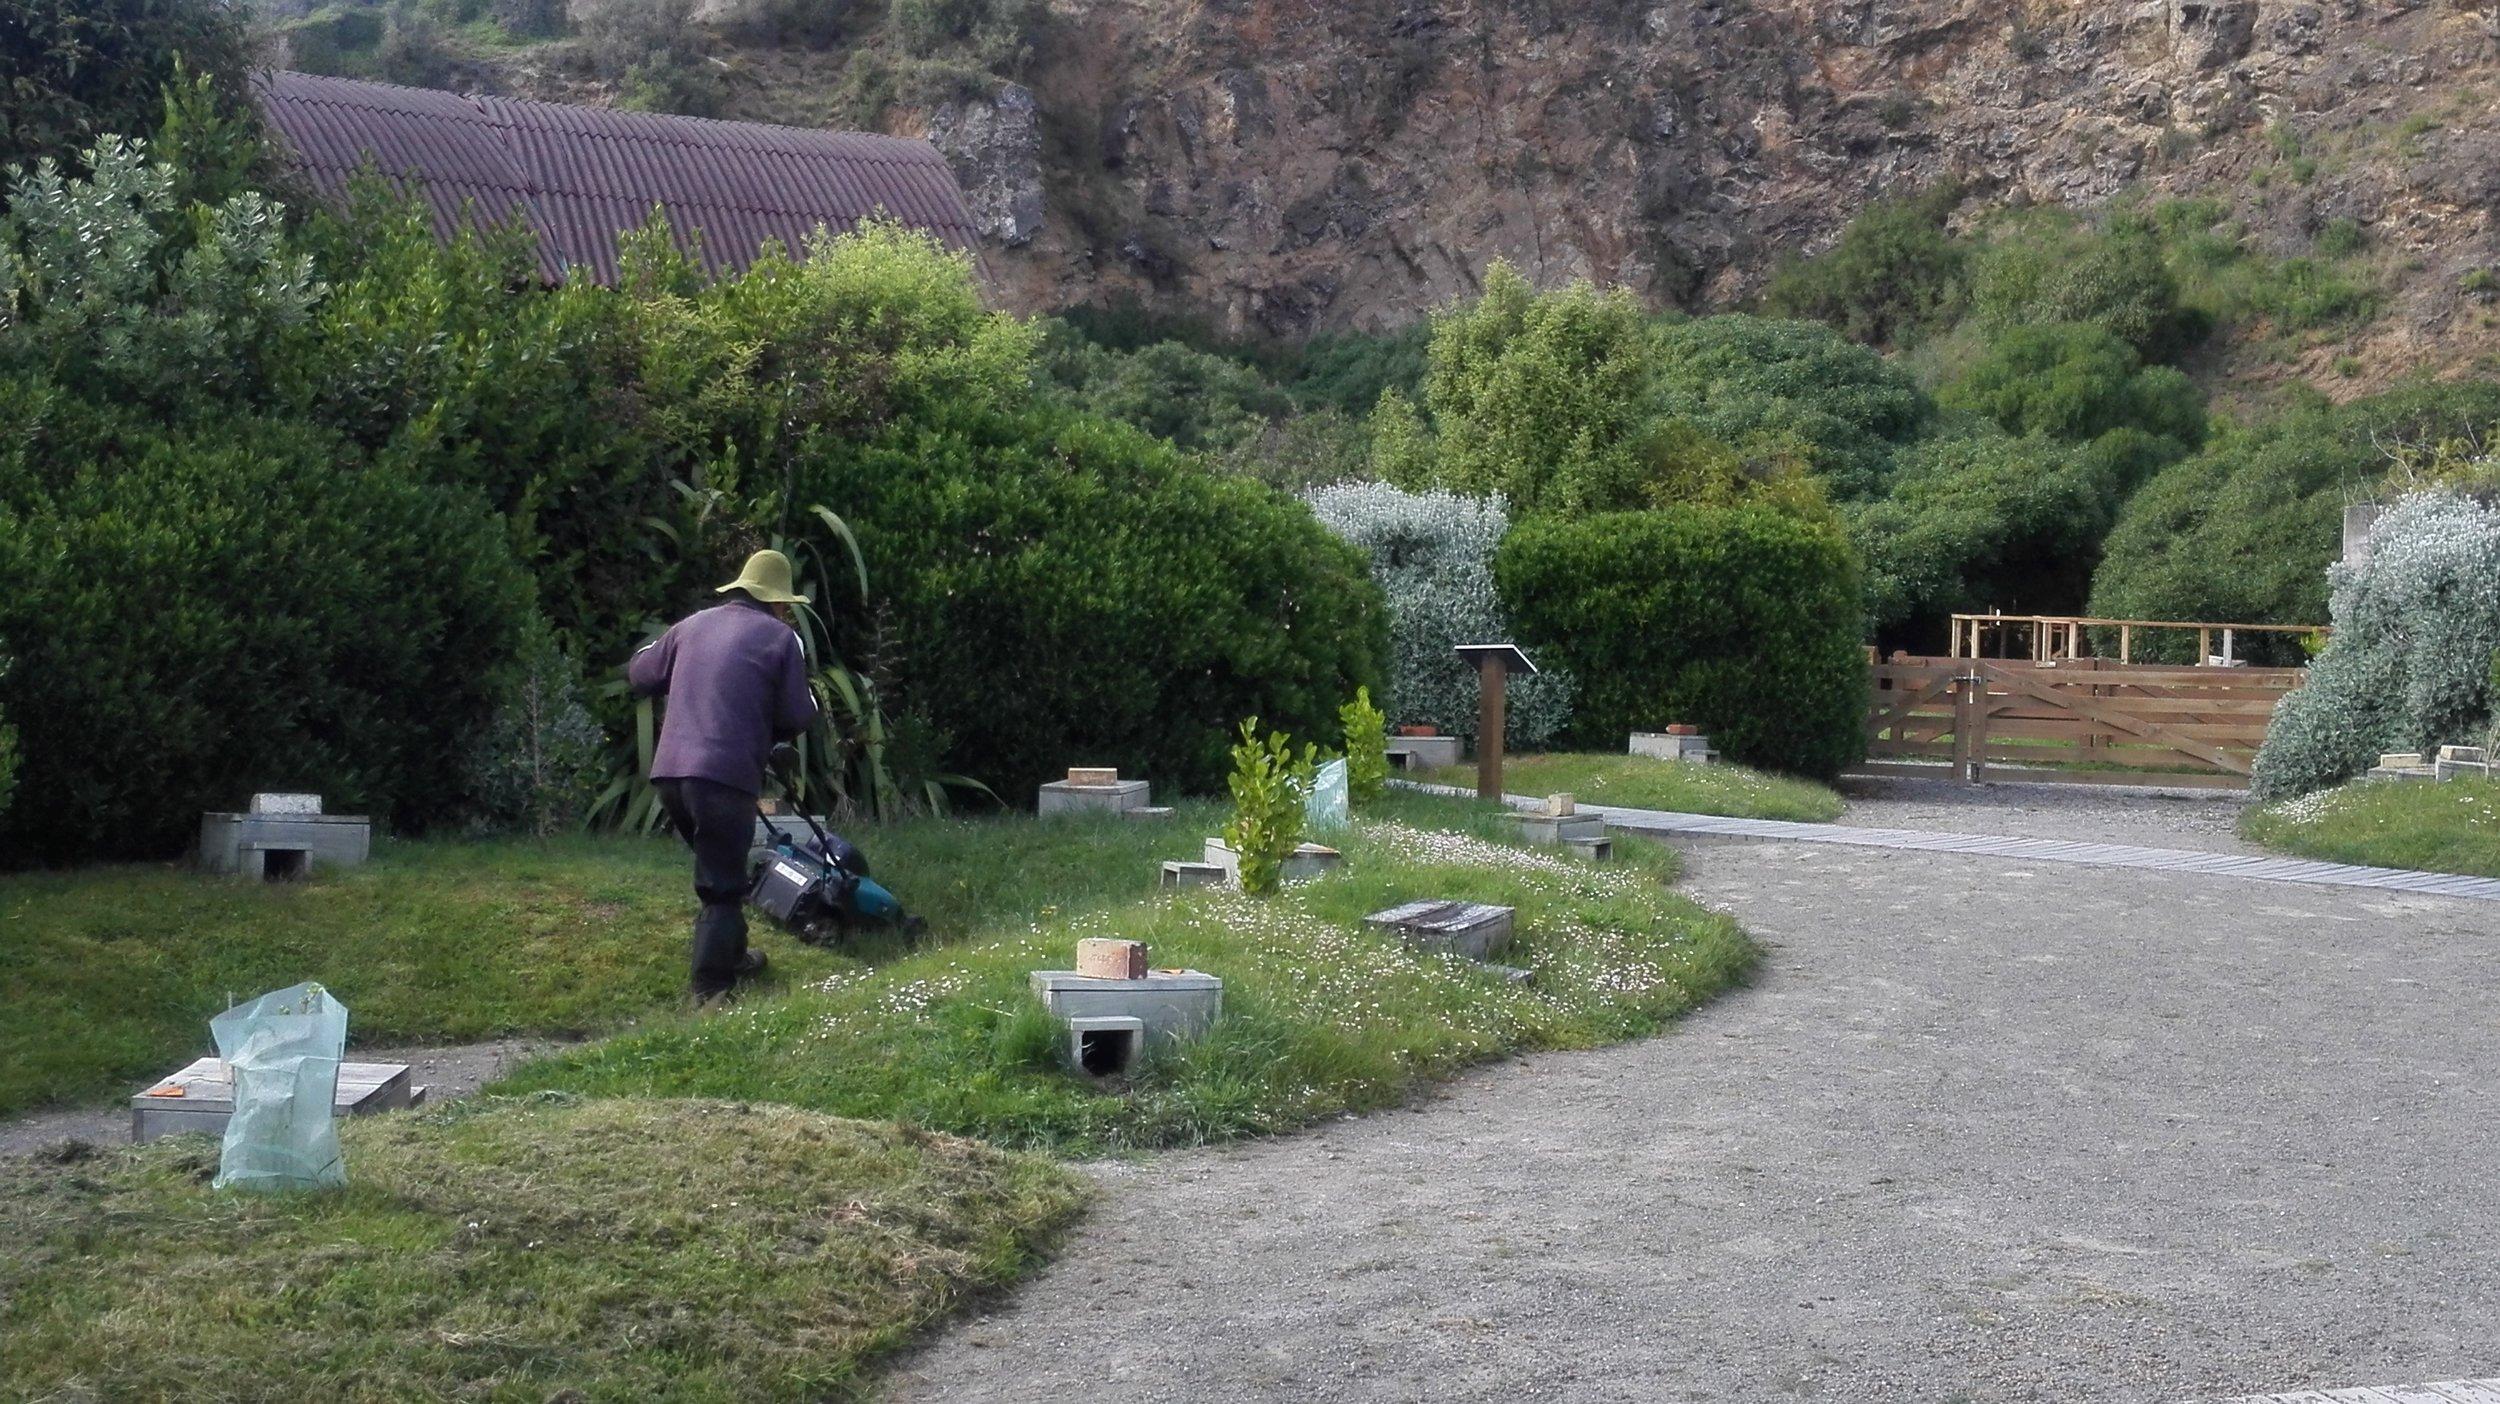 oamaru-penguin-3-gardener.jpg